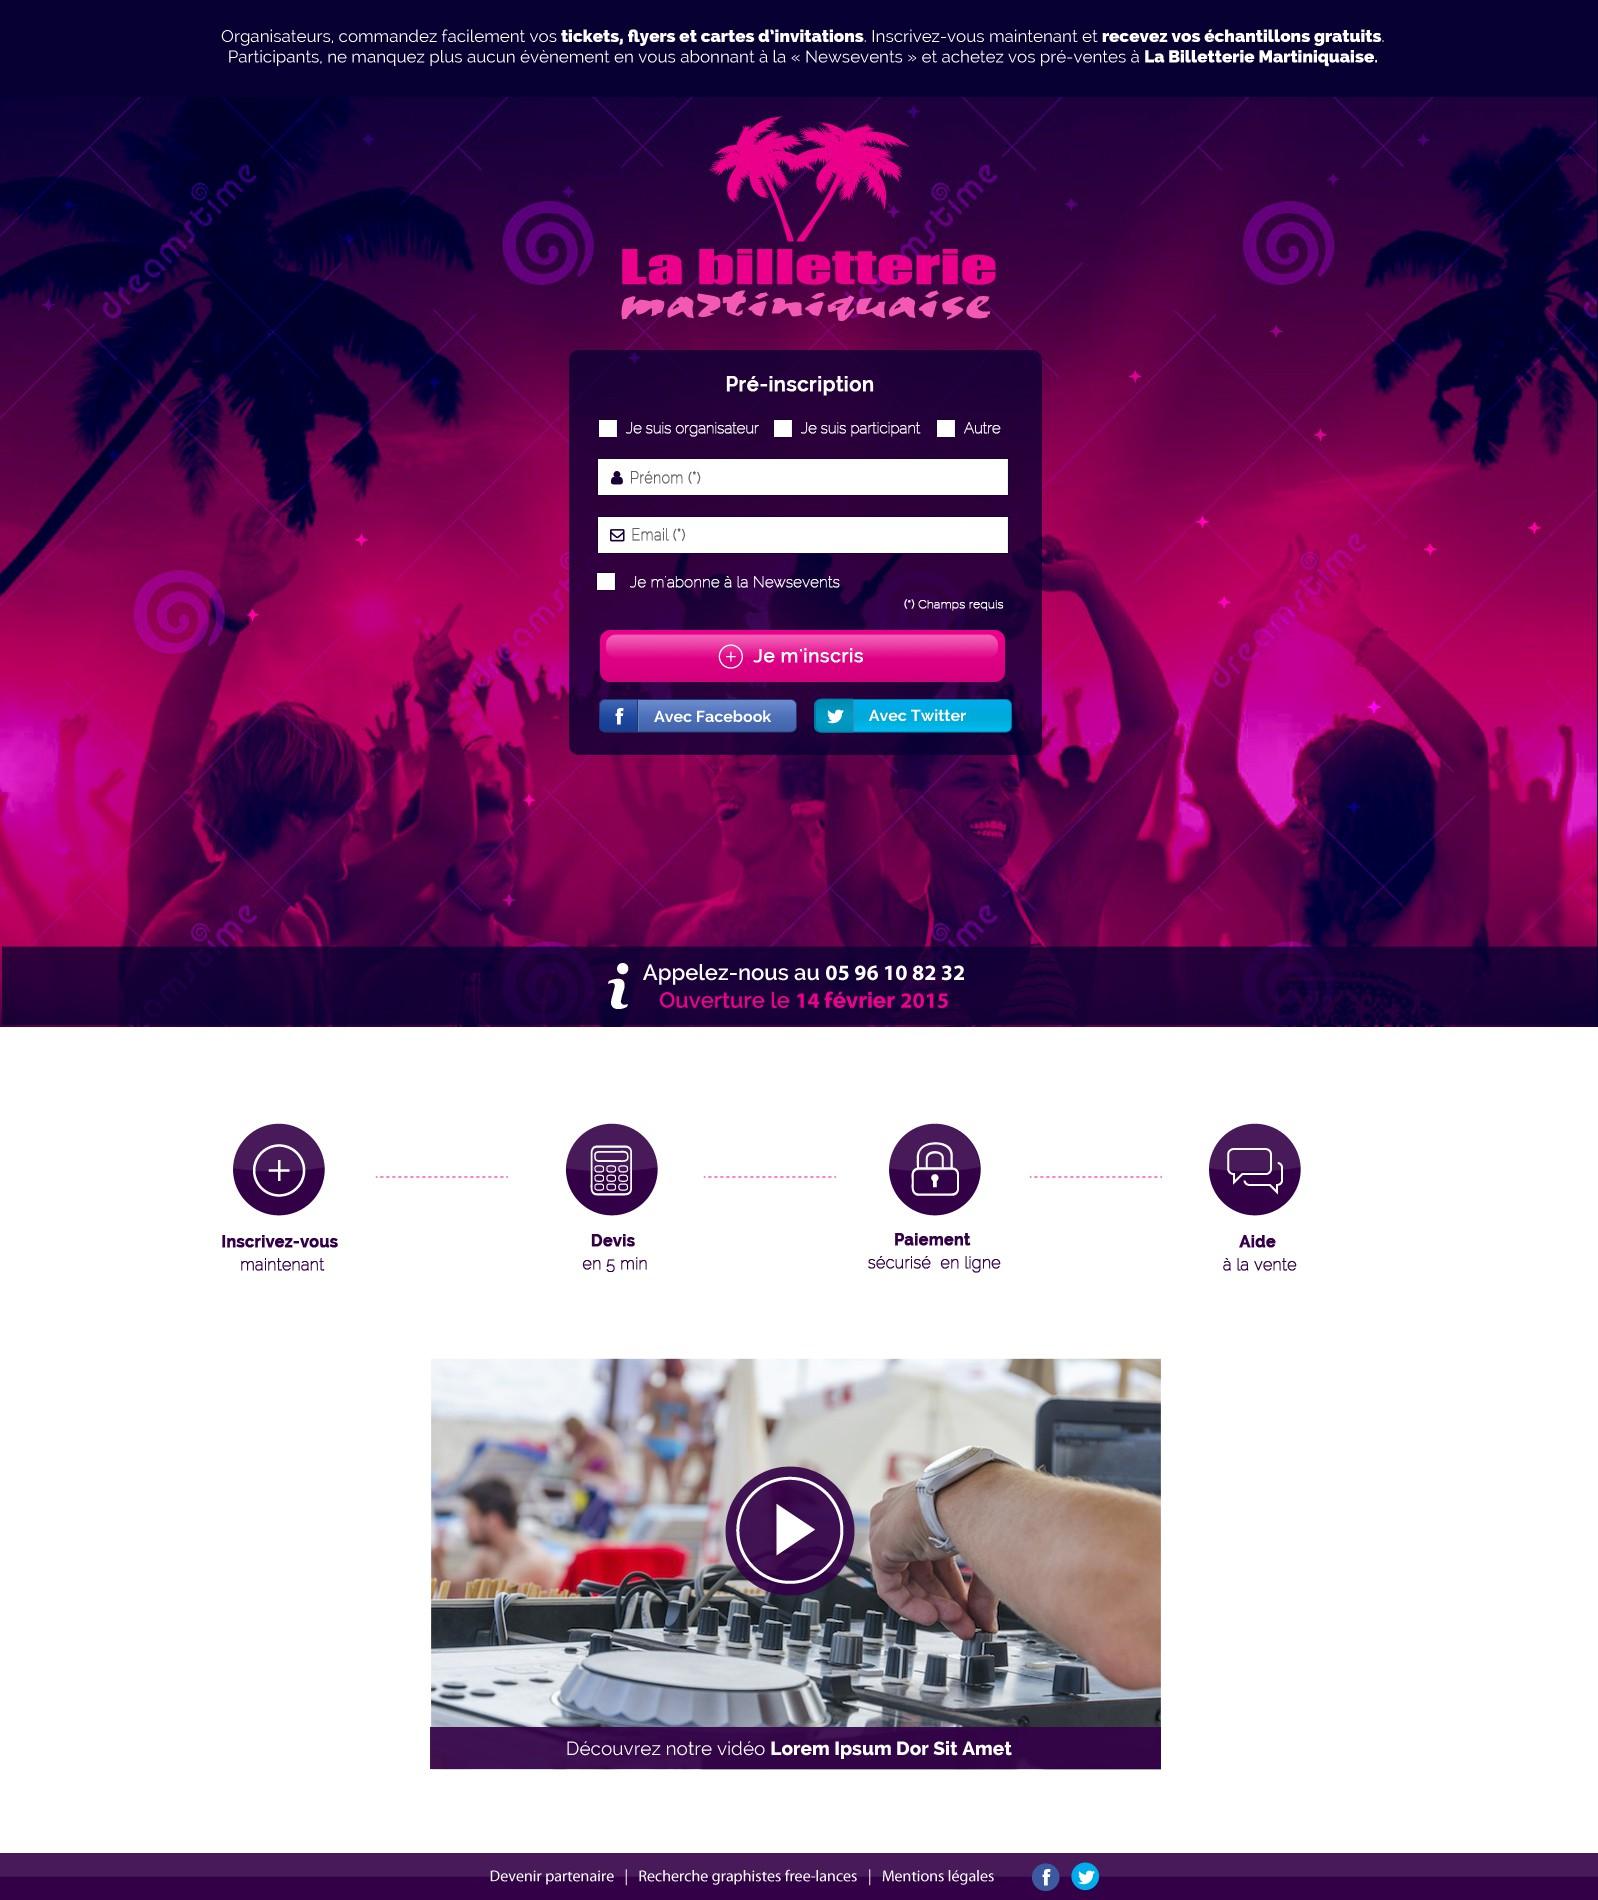 Créer une landing page pour la Billetterie Martiniquaise